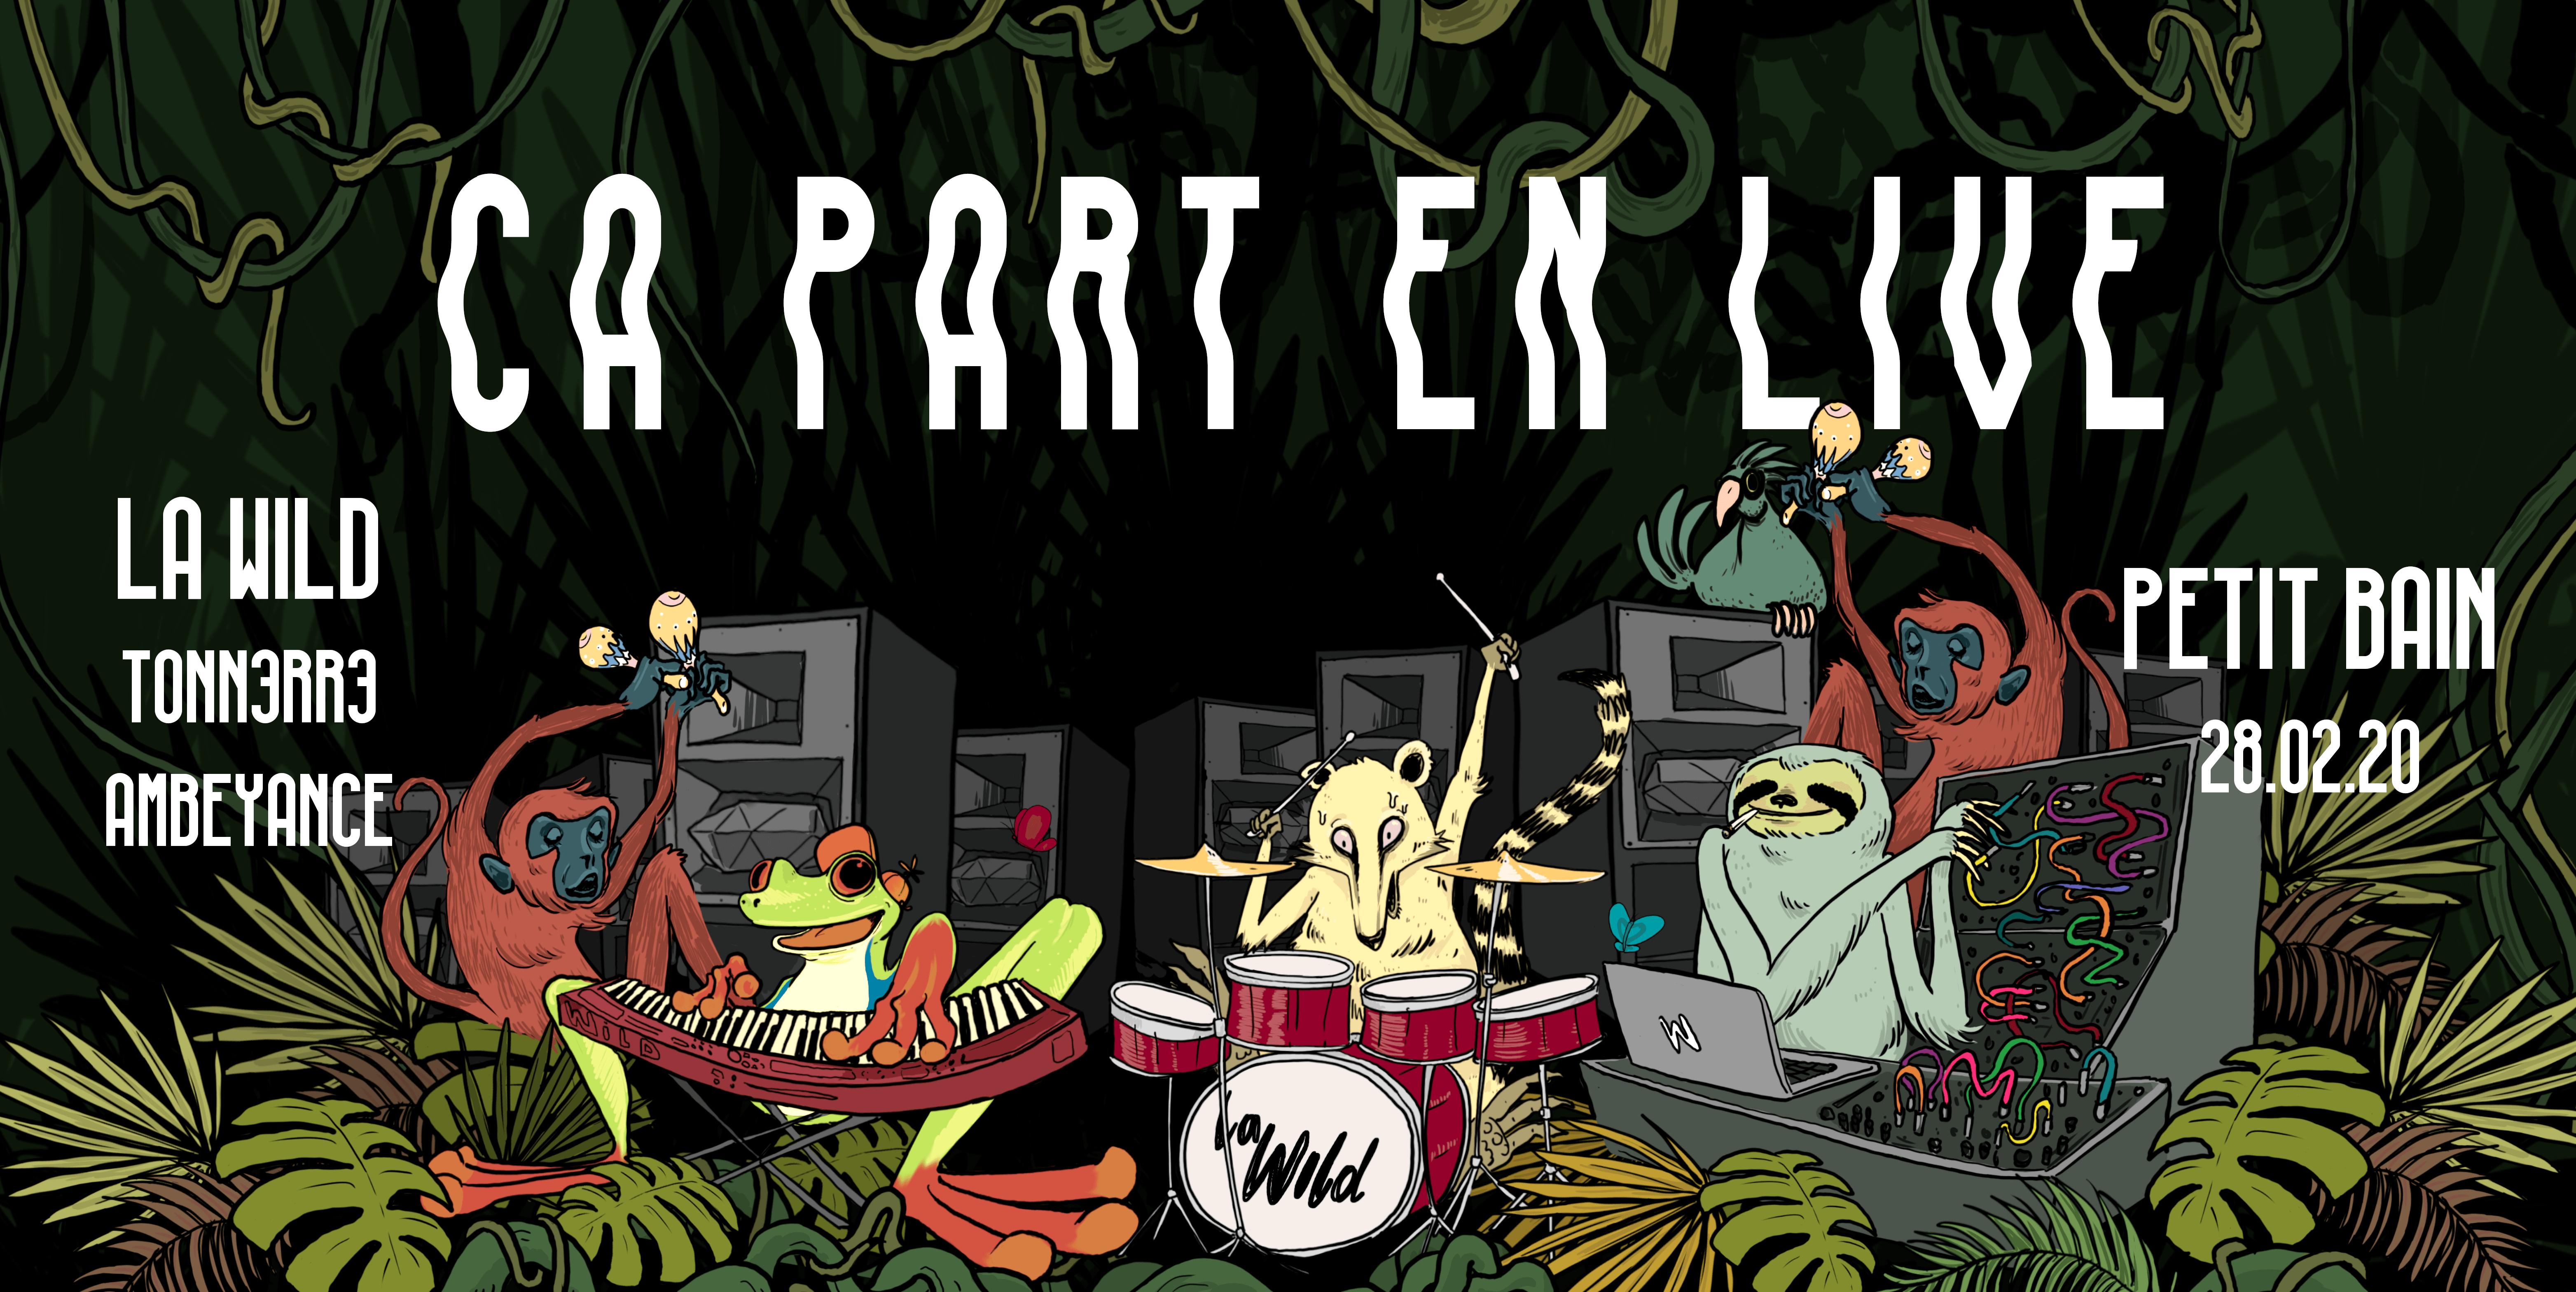 La Wild : CA PART EN LIVE w/ Tonn3rr3 et Ambeyance